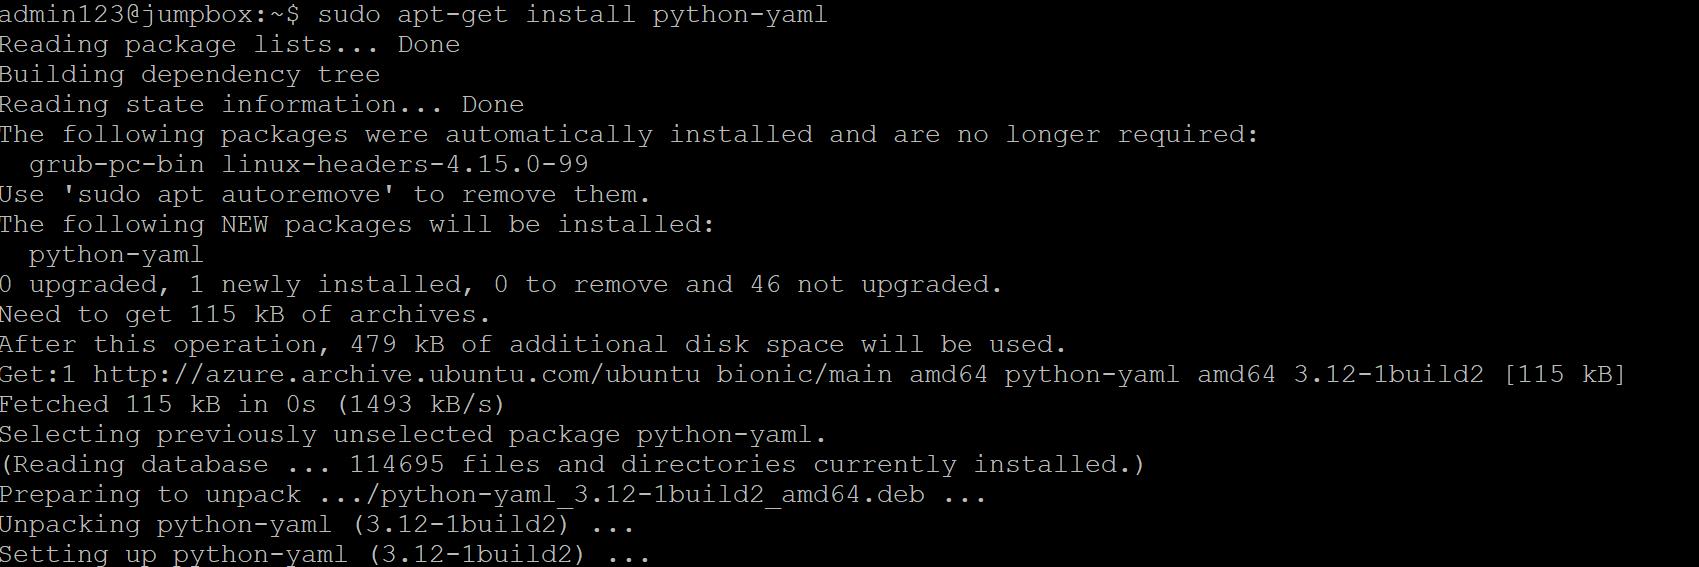 install%20python-YAML